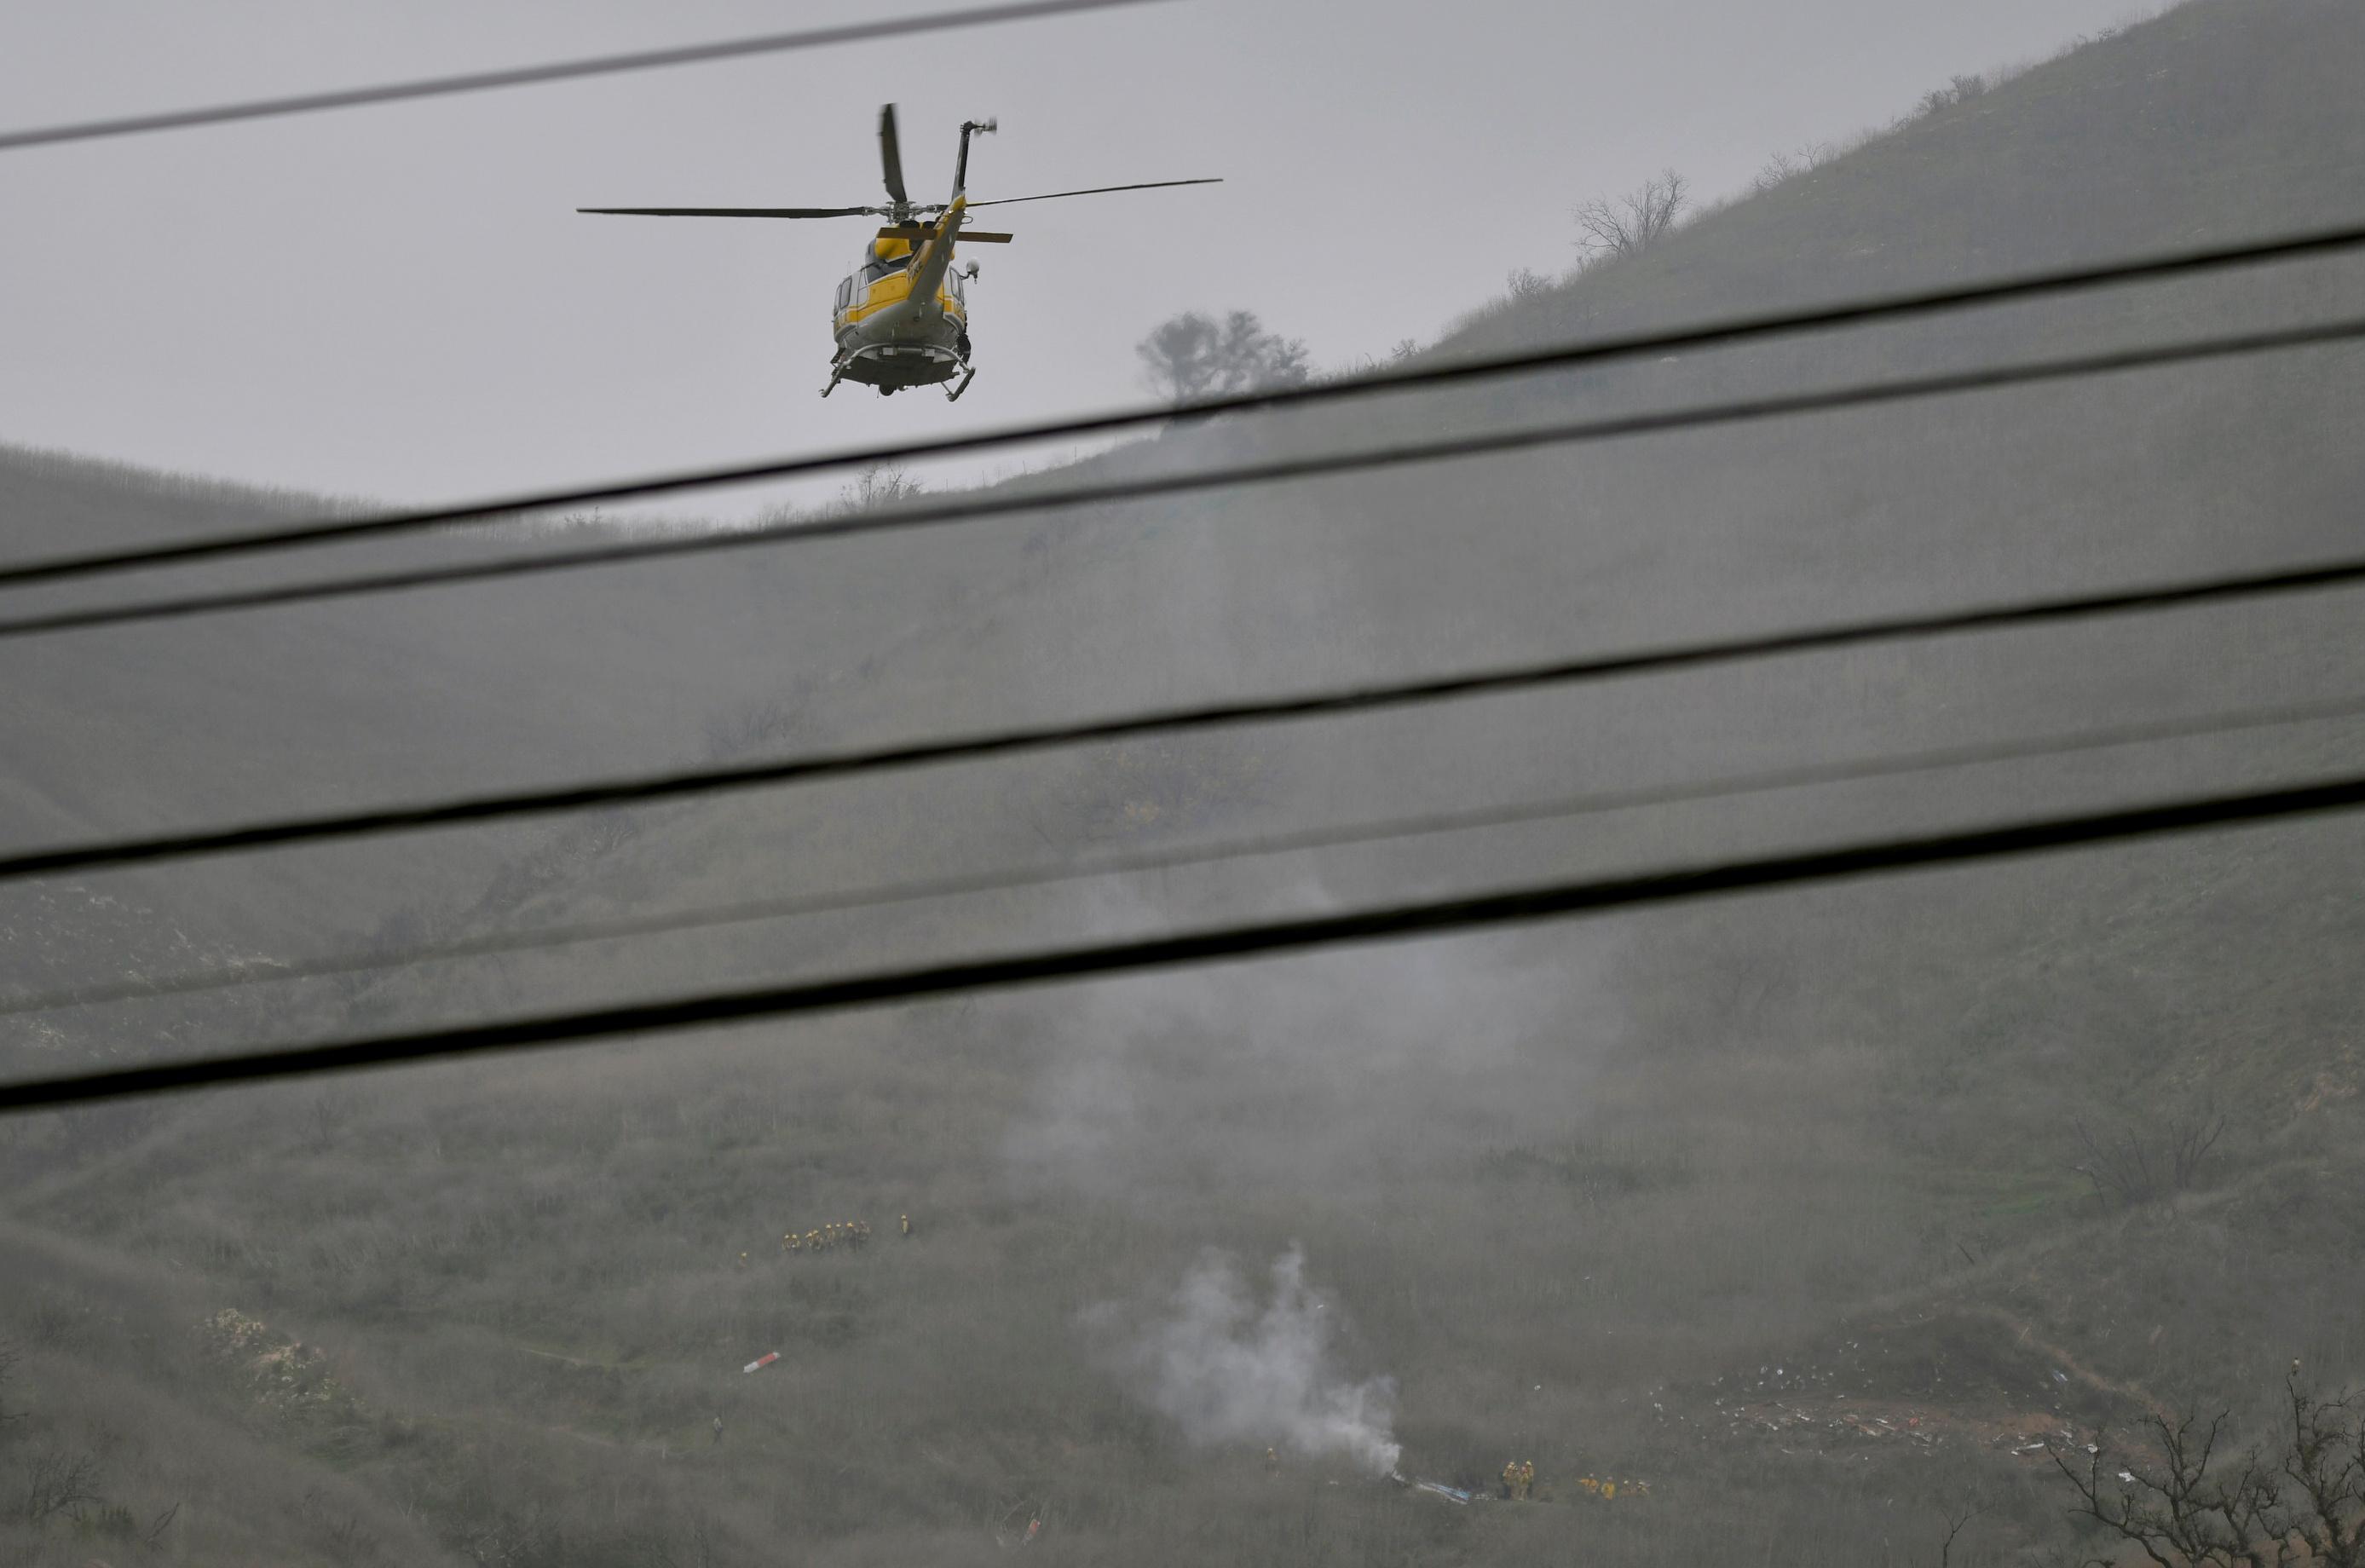 «Έφταιγαν ο Κόμπι Μπράιαντ και οι επιβάτες του ελικοπτέρου για το δυστύχημα»